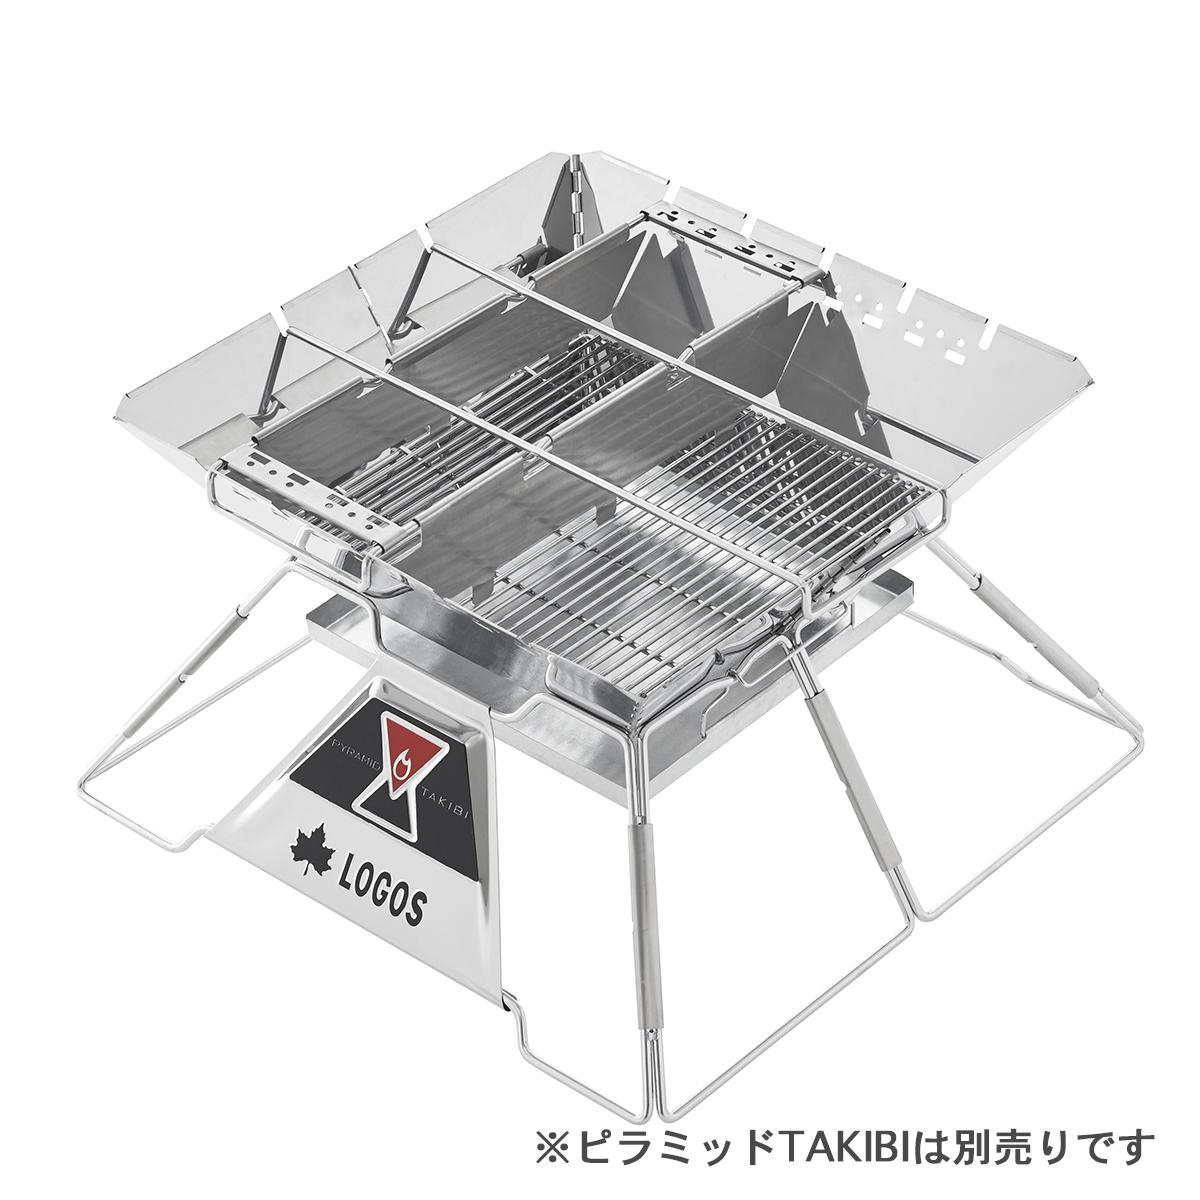 ◎ロゴス 81064169・チャコールデバイダーXL for ピラミッド(2pcs)